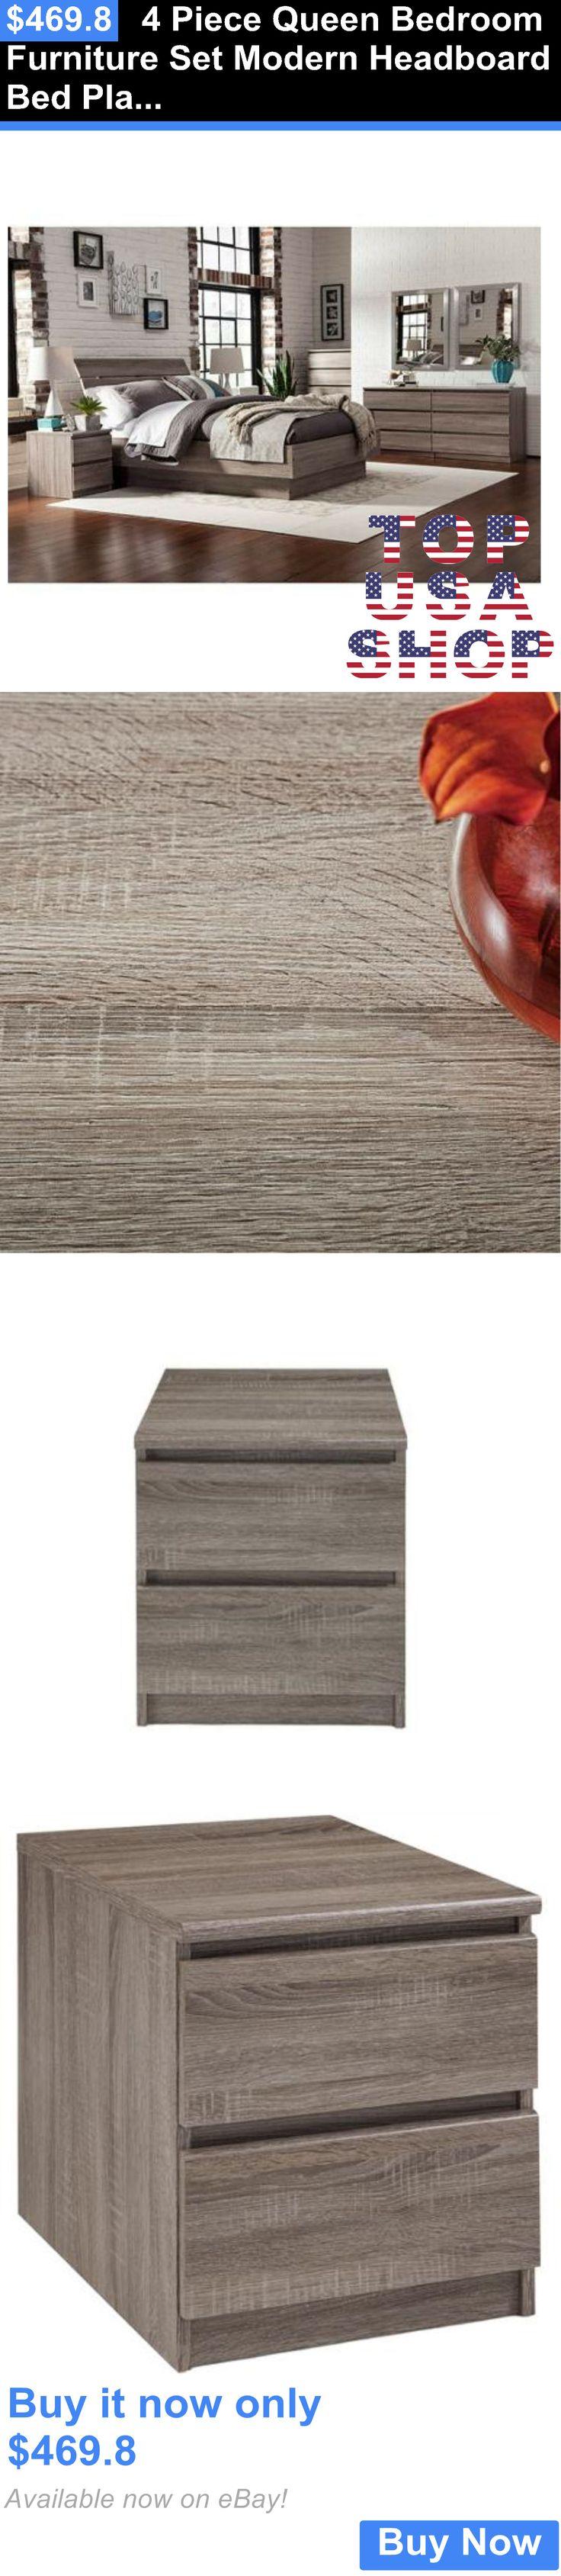 Bedding: 4 Piece Queen Bedroom Furniture Set Modern Headboard Bed Platform Nightstand New BUY IT NOW ONLY: $469.8